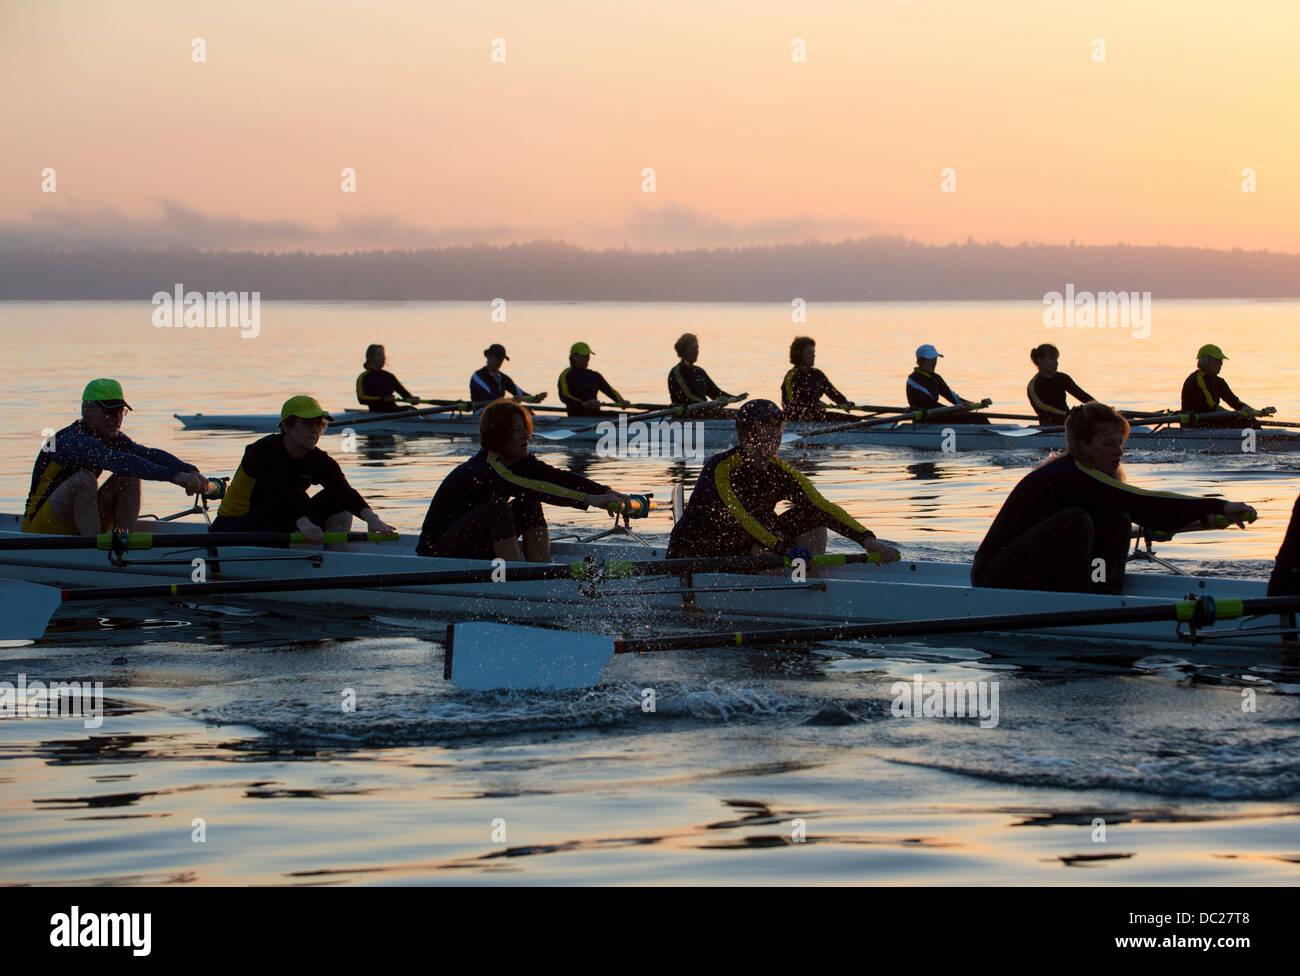 Quatorze personnes aviron au coucher du soleil Photo Stock